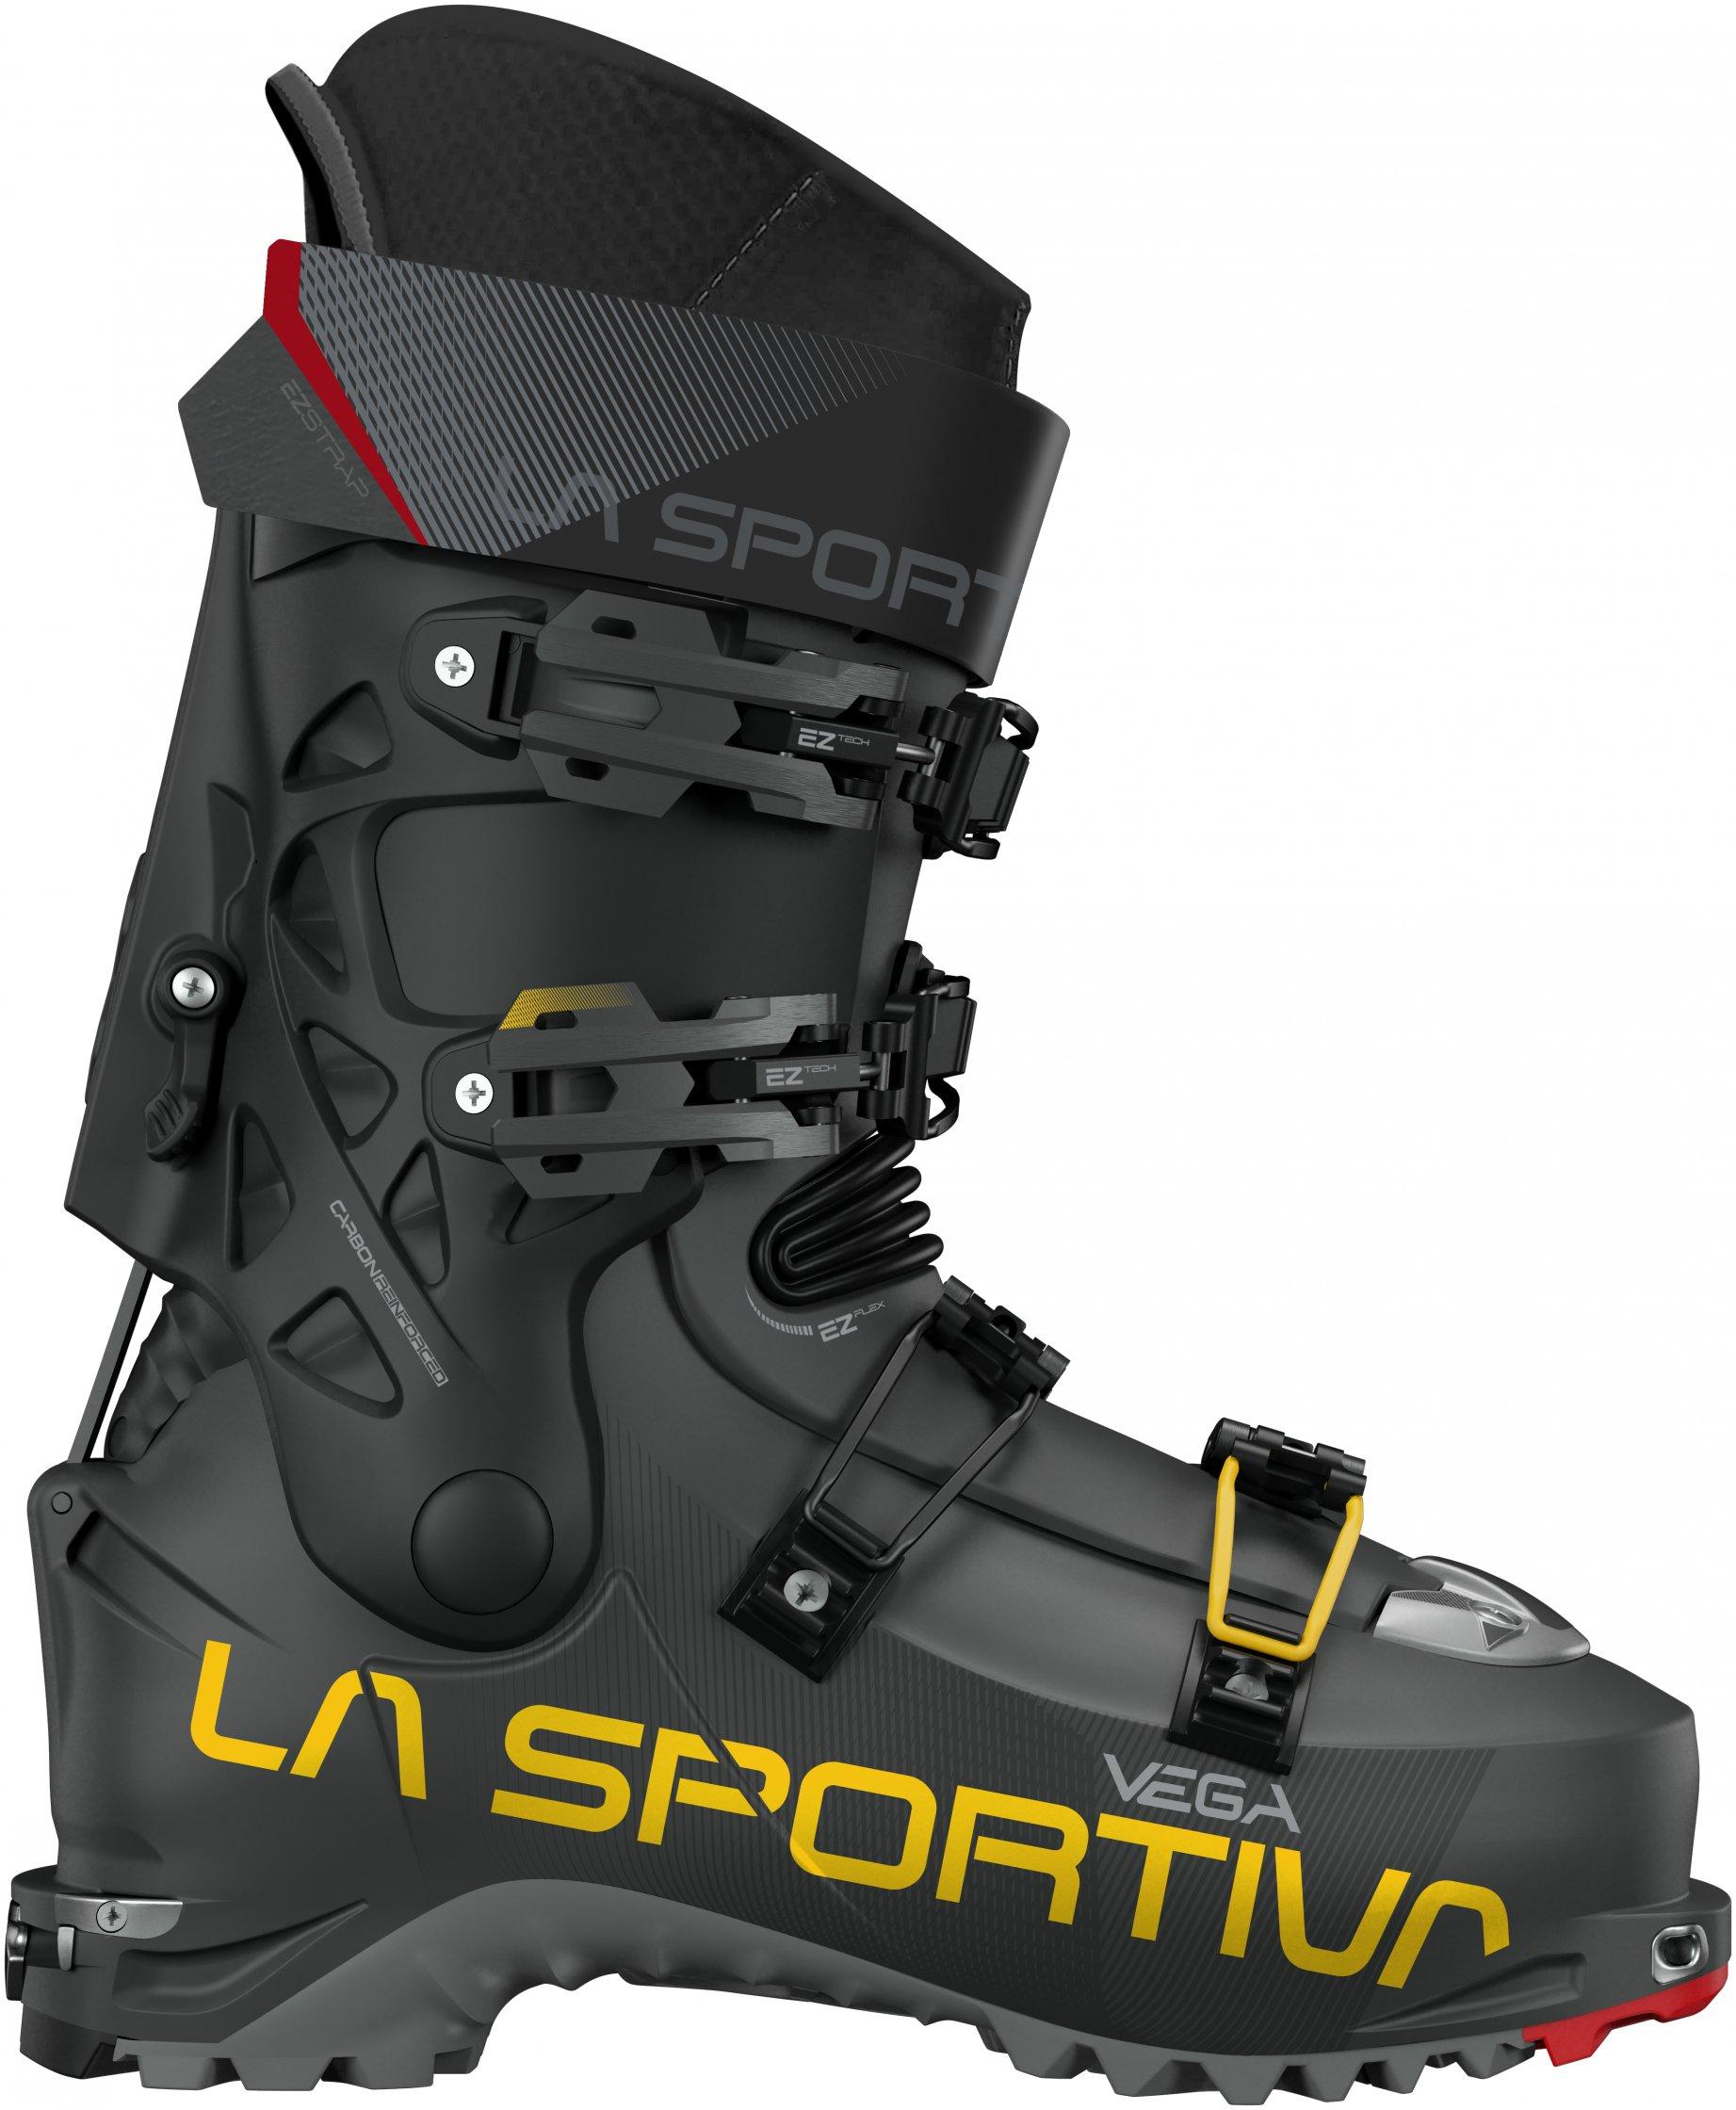 La Sportiva Vega Man